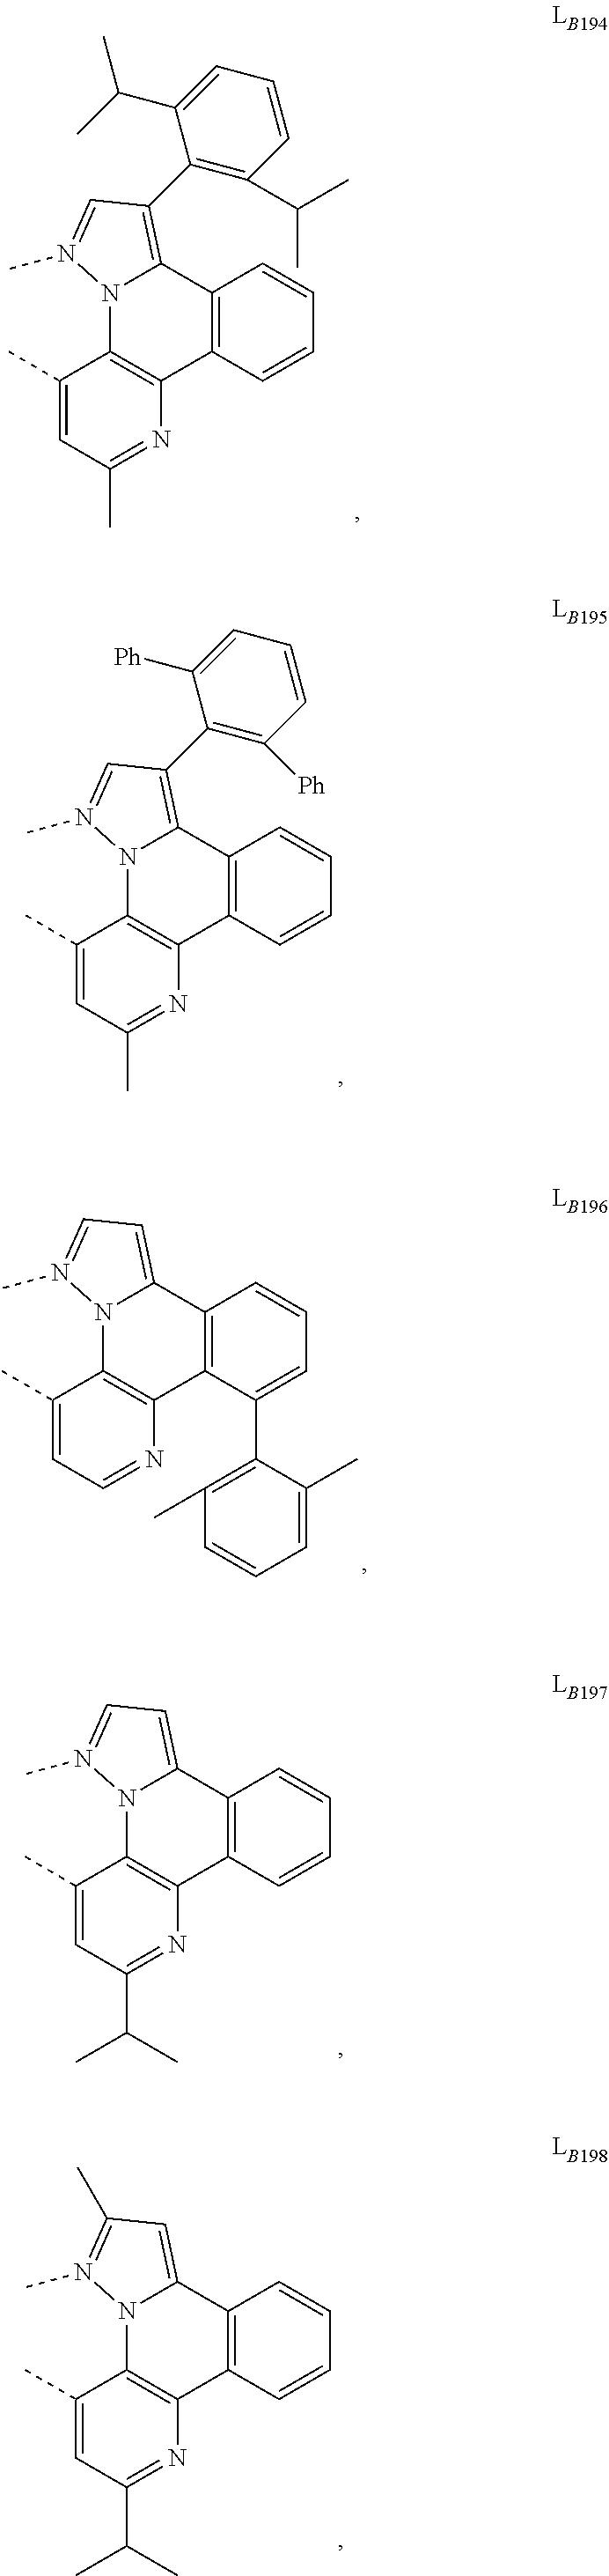 Figure US09905785-20180227-C00601